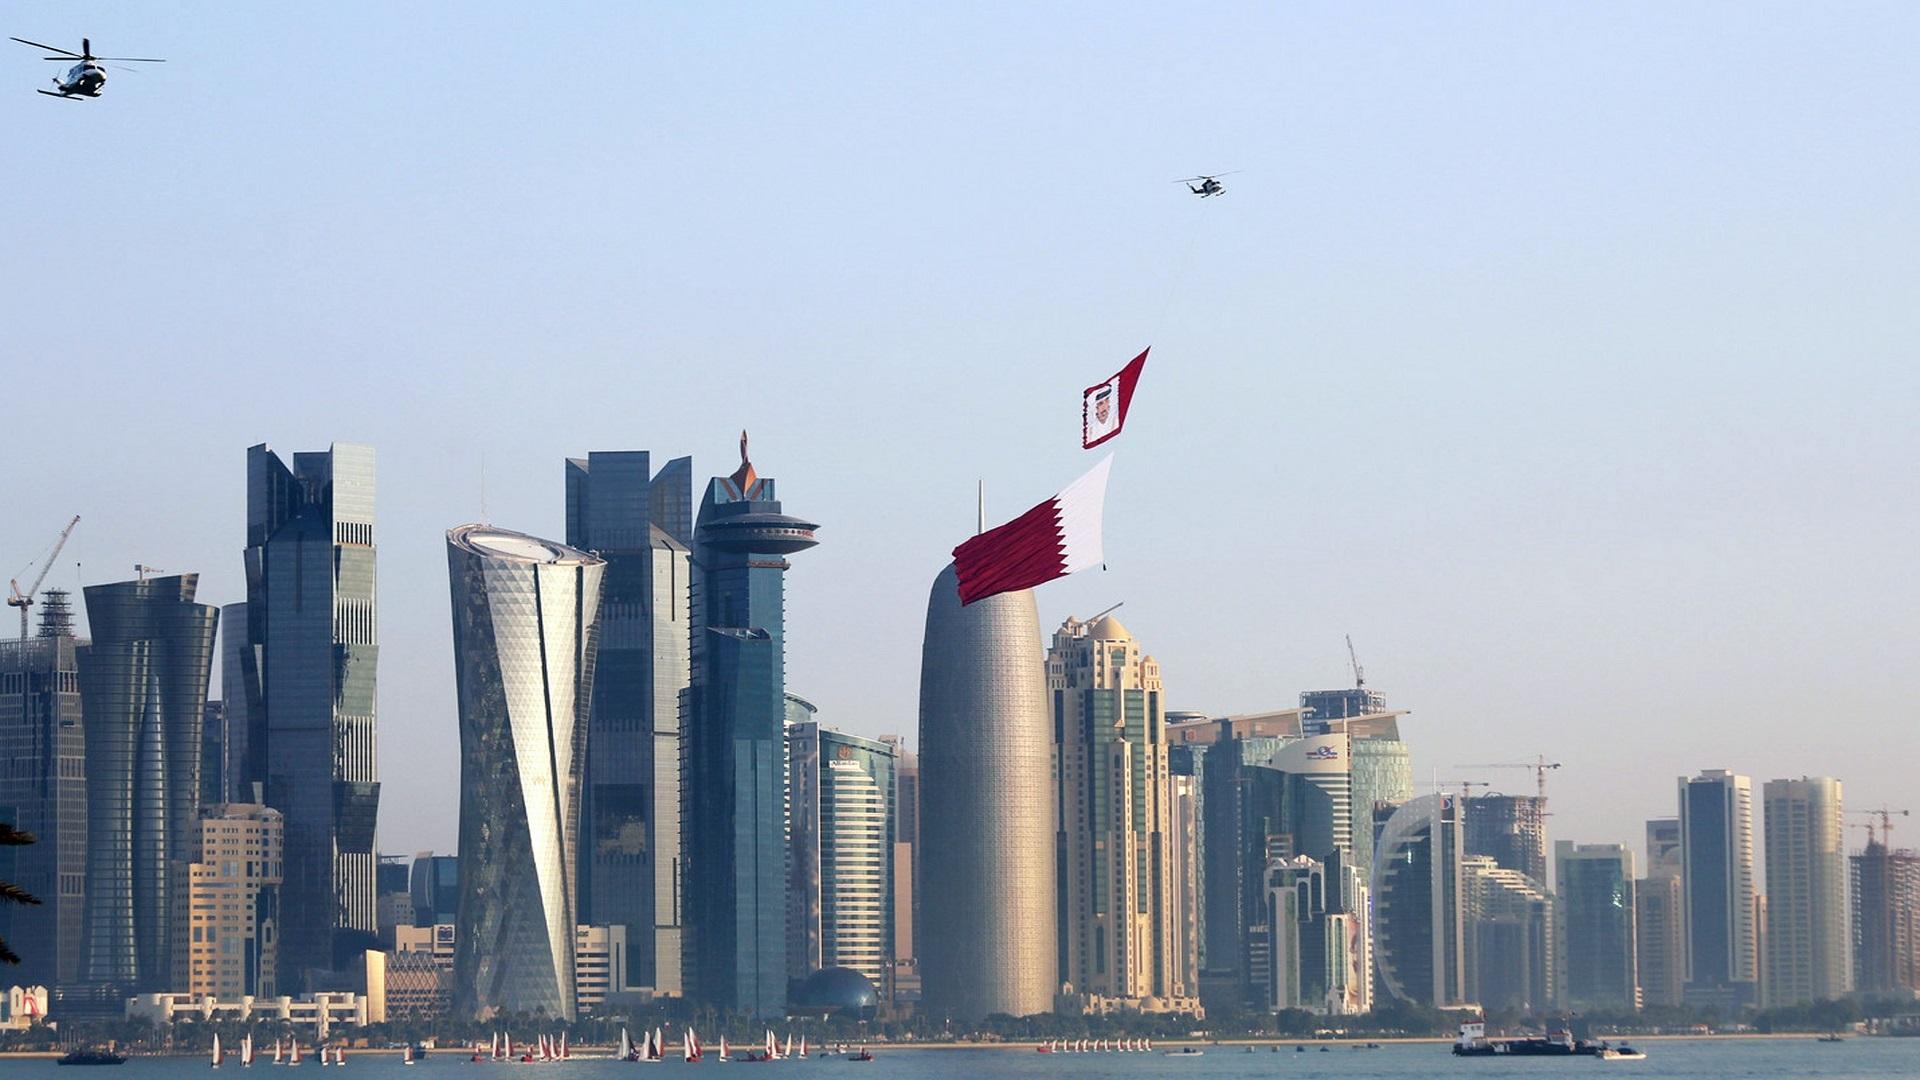 صورة فيديو: مؤشرات فشل الحصار.. قطر الثالثة عالميًا في الأداء الاقتصادي